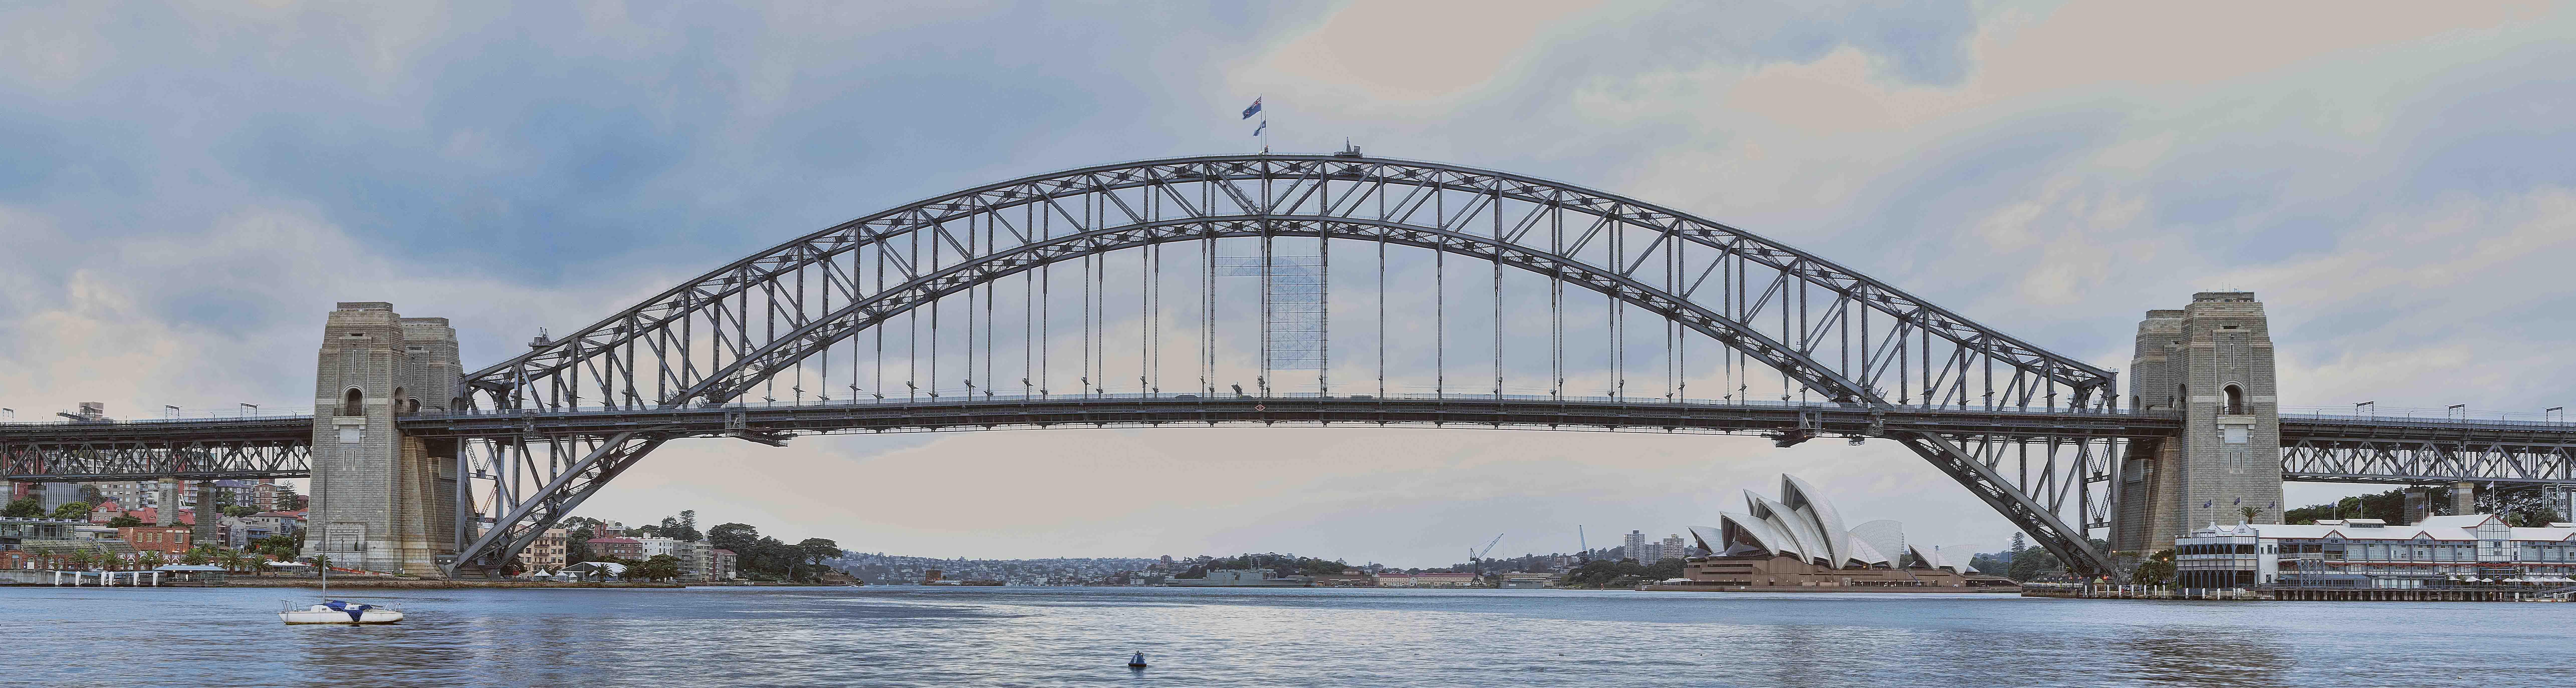 HQ Sydney Harbour Bridge Wallpapers | File 1240.69Kb